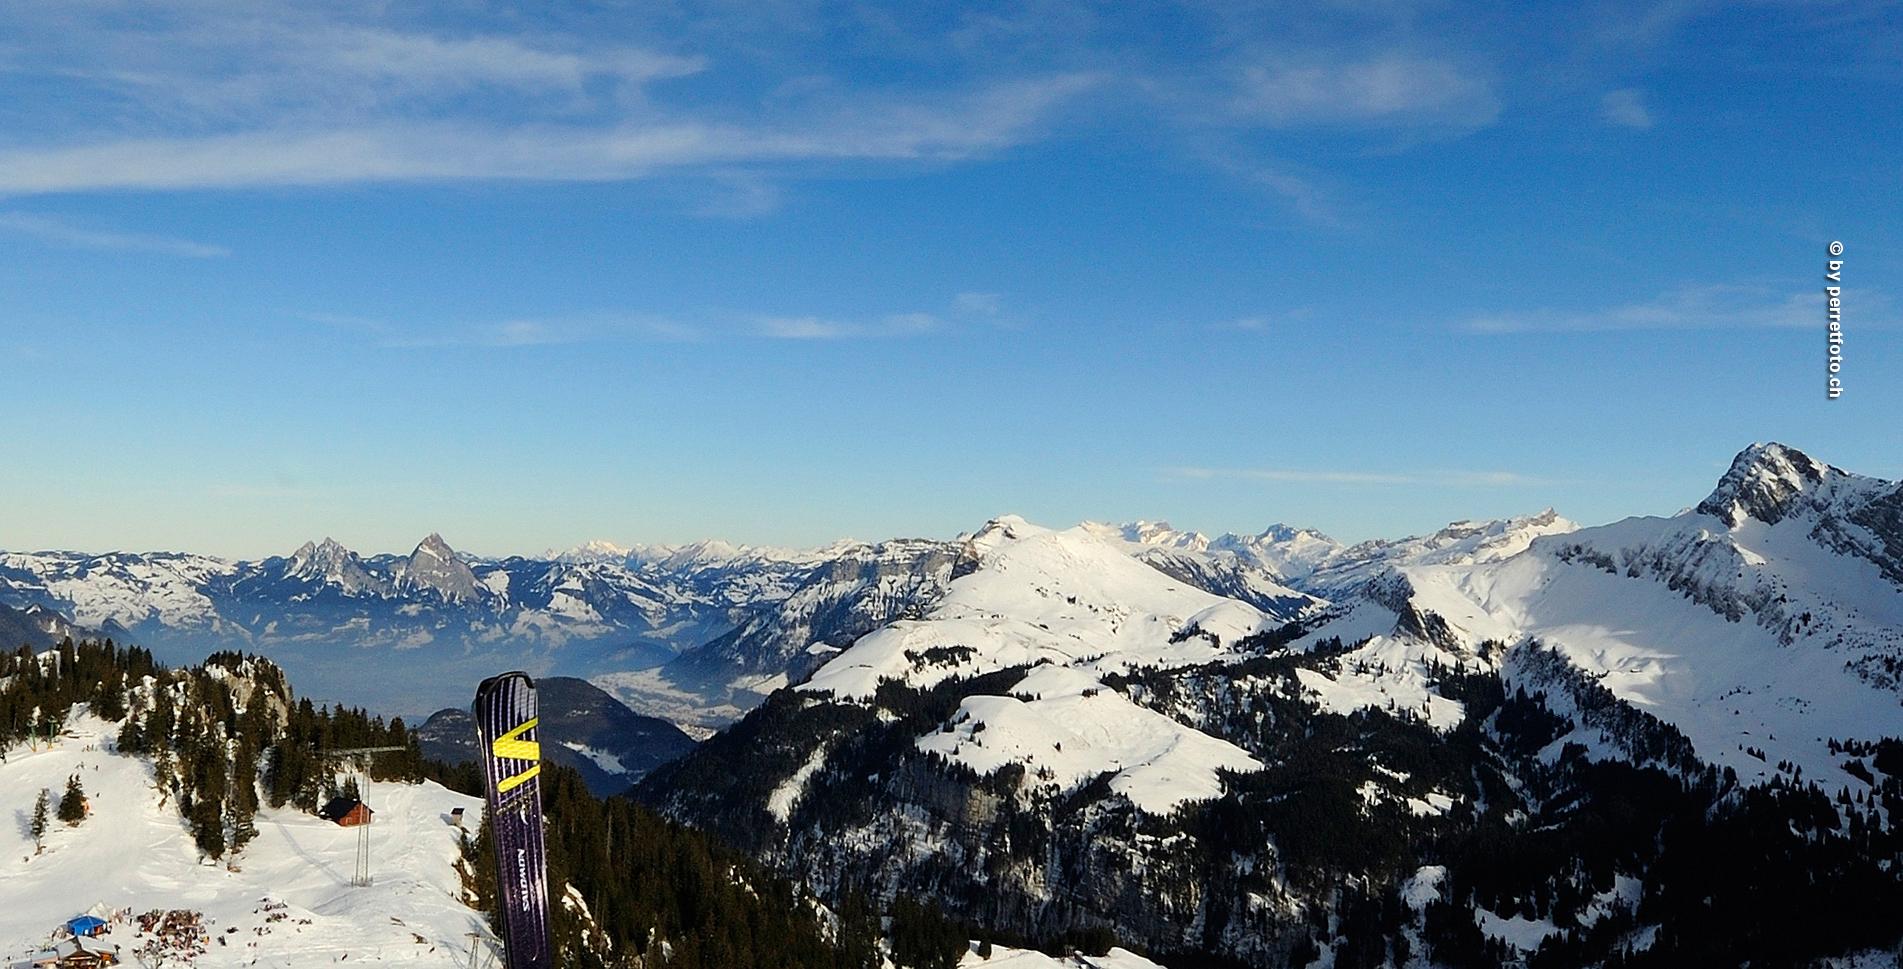 Schneeschuhtour auf dem Schneeschuh-Trail von der Klewenalp, oberhalb Beckenried, zur Stockhütte, oberhalb Emmetten